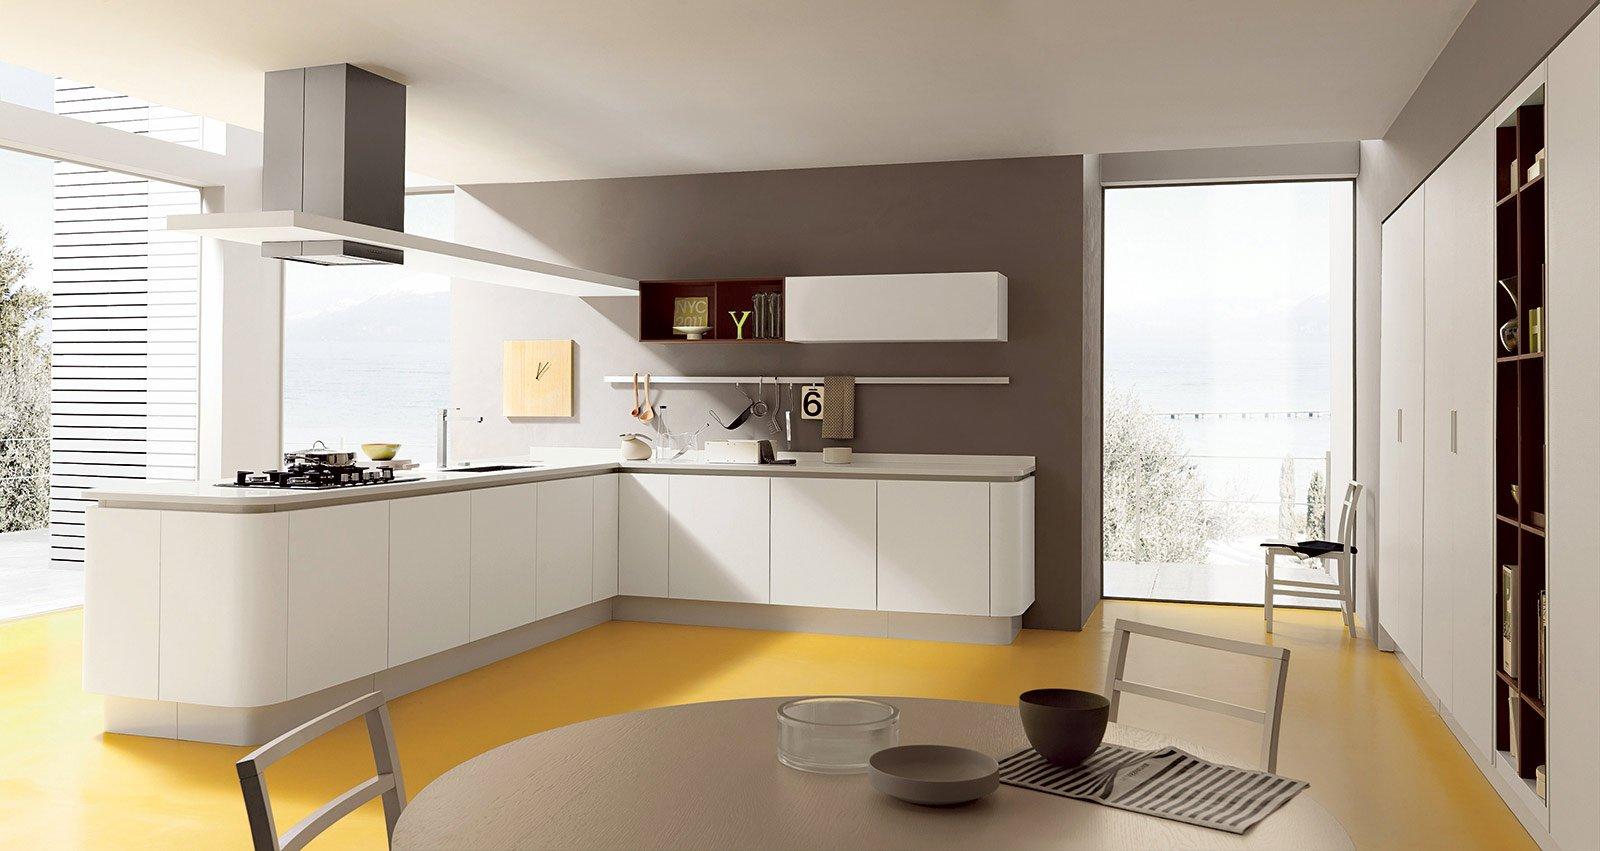 """Del Pensile A Giorno In Finitura Rovere """"cuoio Termico"""" La Cucina  #AE841D 1600 851 Ripiani Per Pensili Cucina Ikea"""